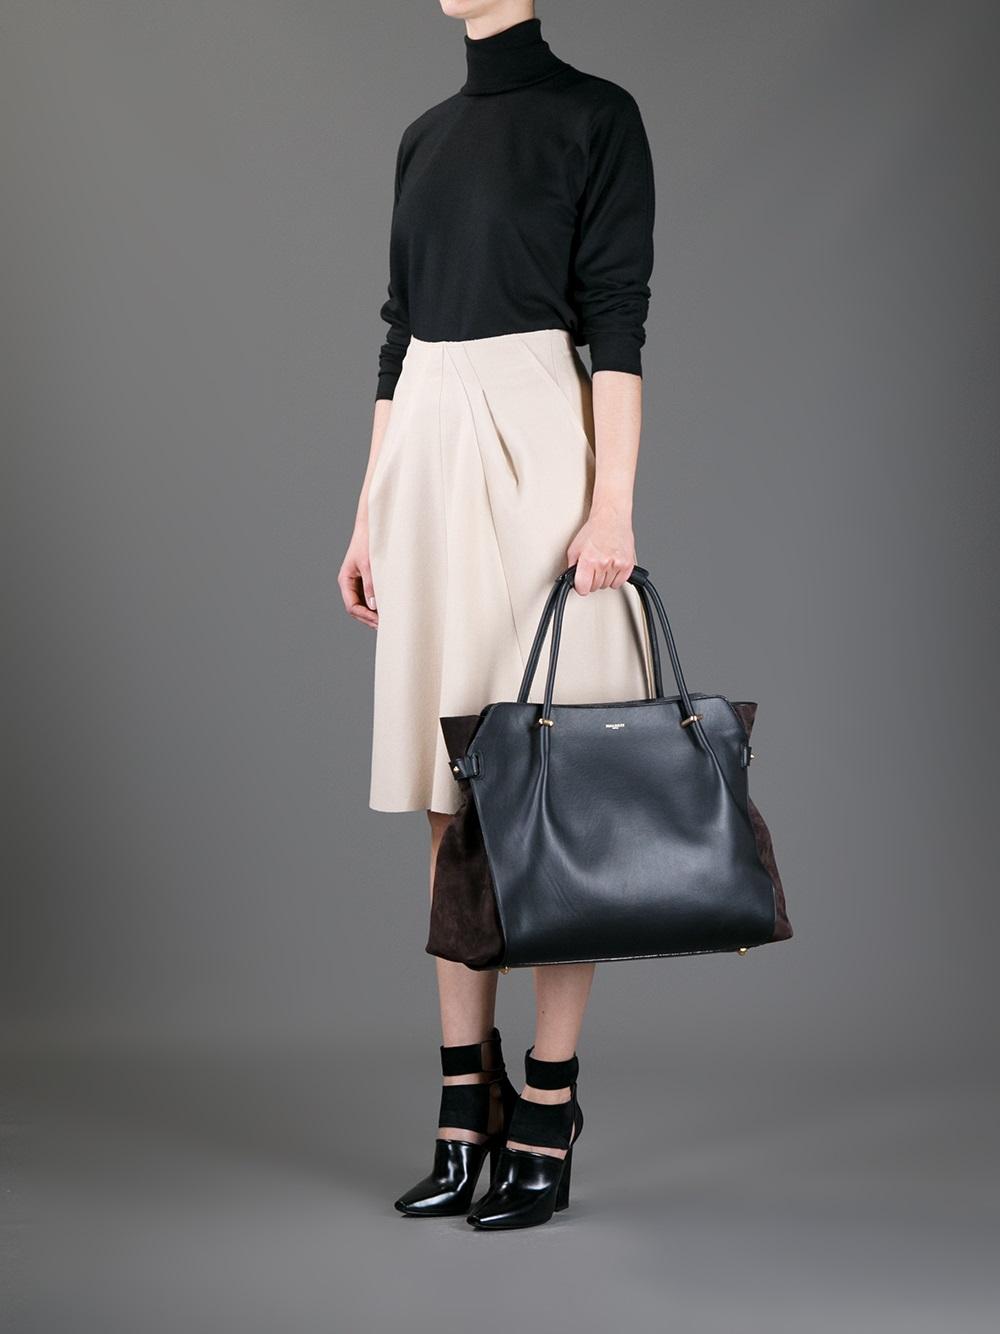 d68bb09a88 Lyst - Nina Ricci Marche Shopper Tote in Black